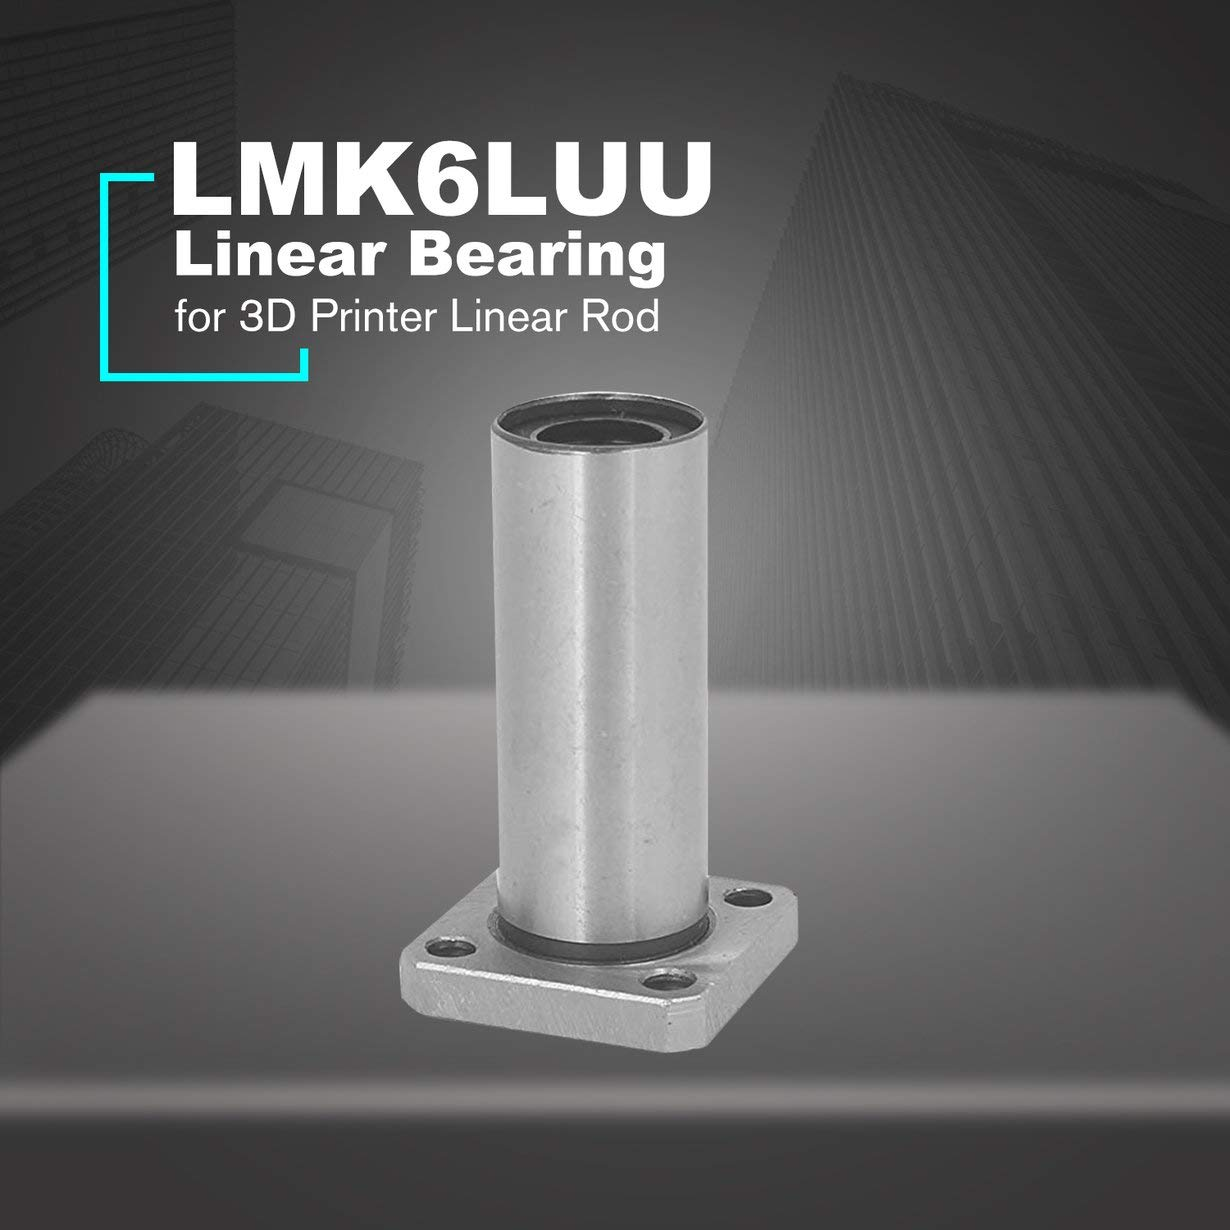 1 UNID LMK6LUU Rodamiento Lineal de Brida Cuadrada Larga de 6 mm ...